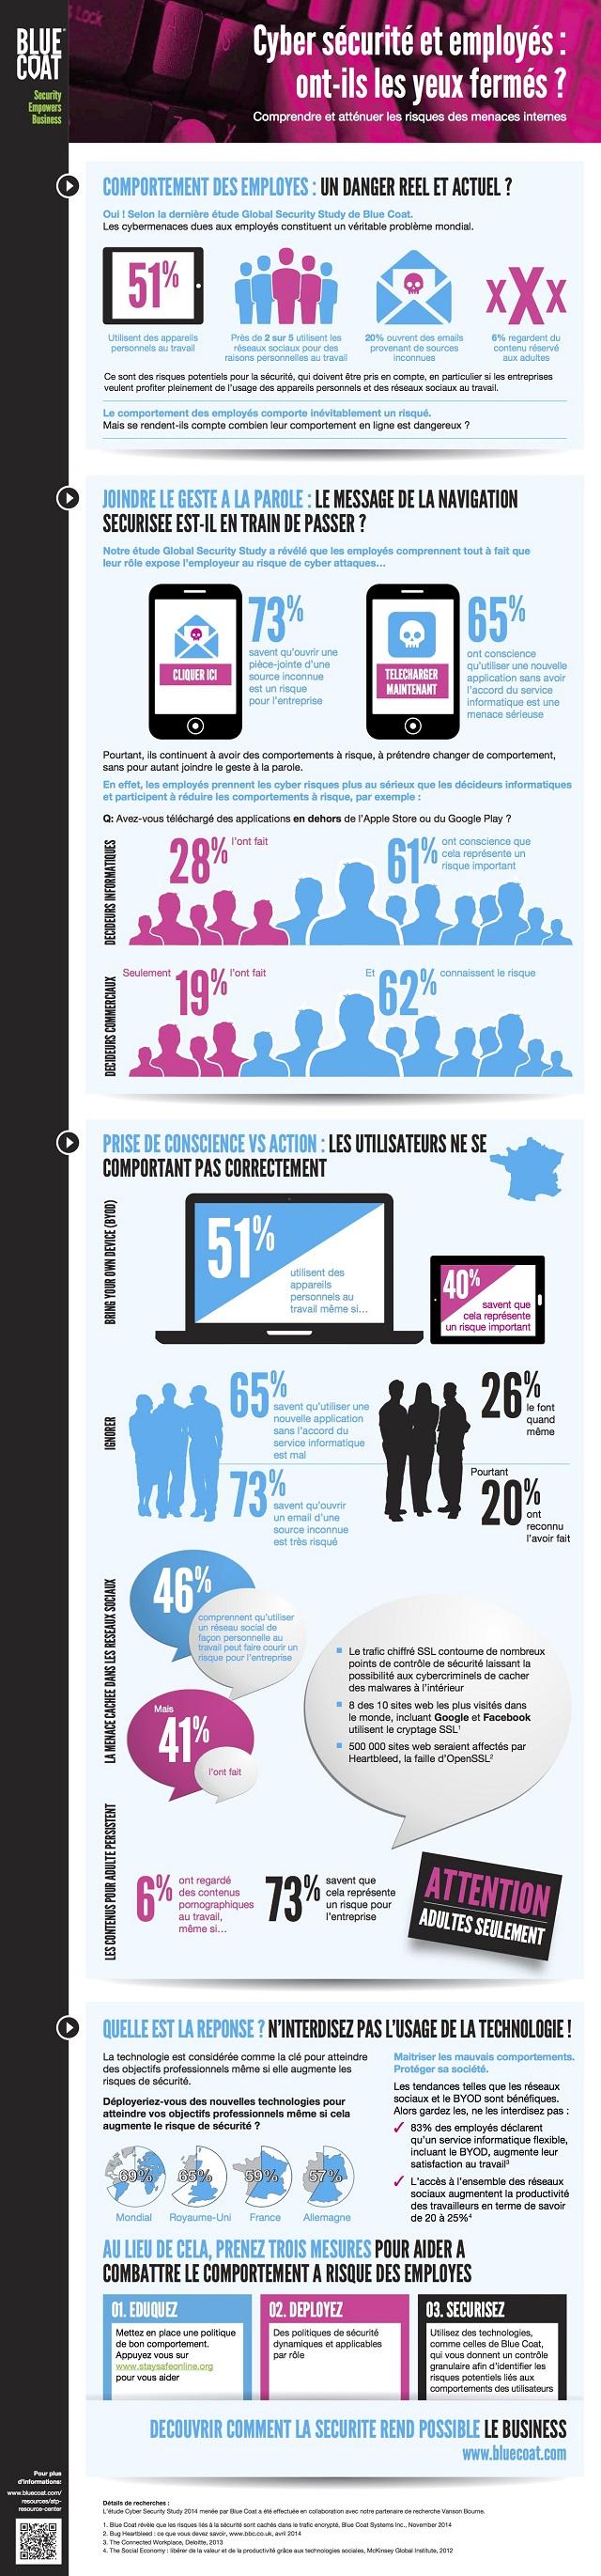 infographie 204 - cybersécurité_employés